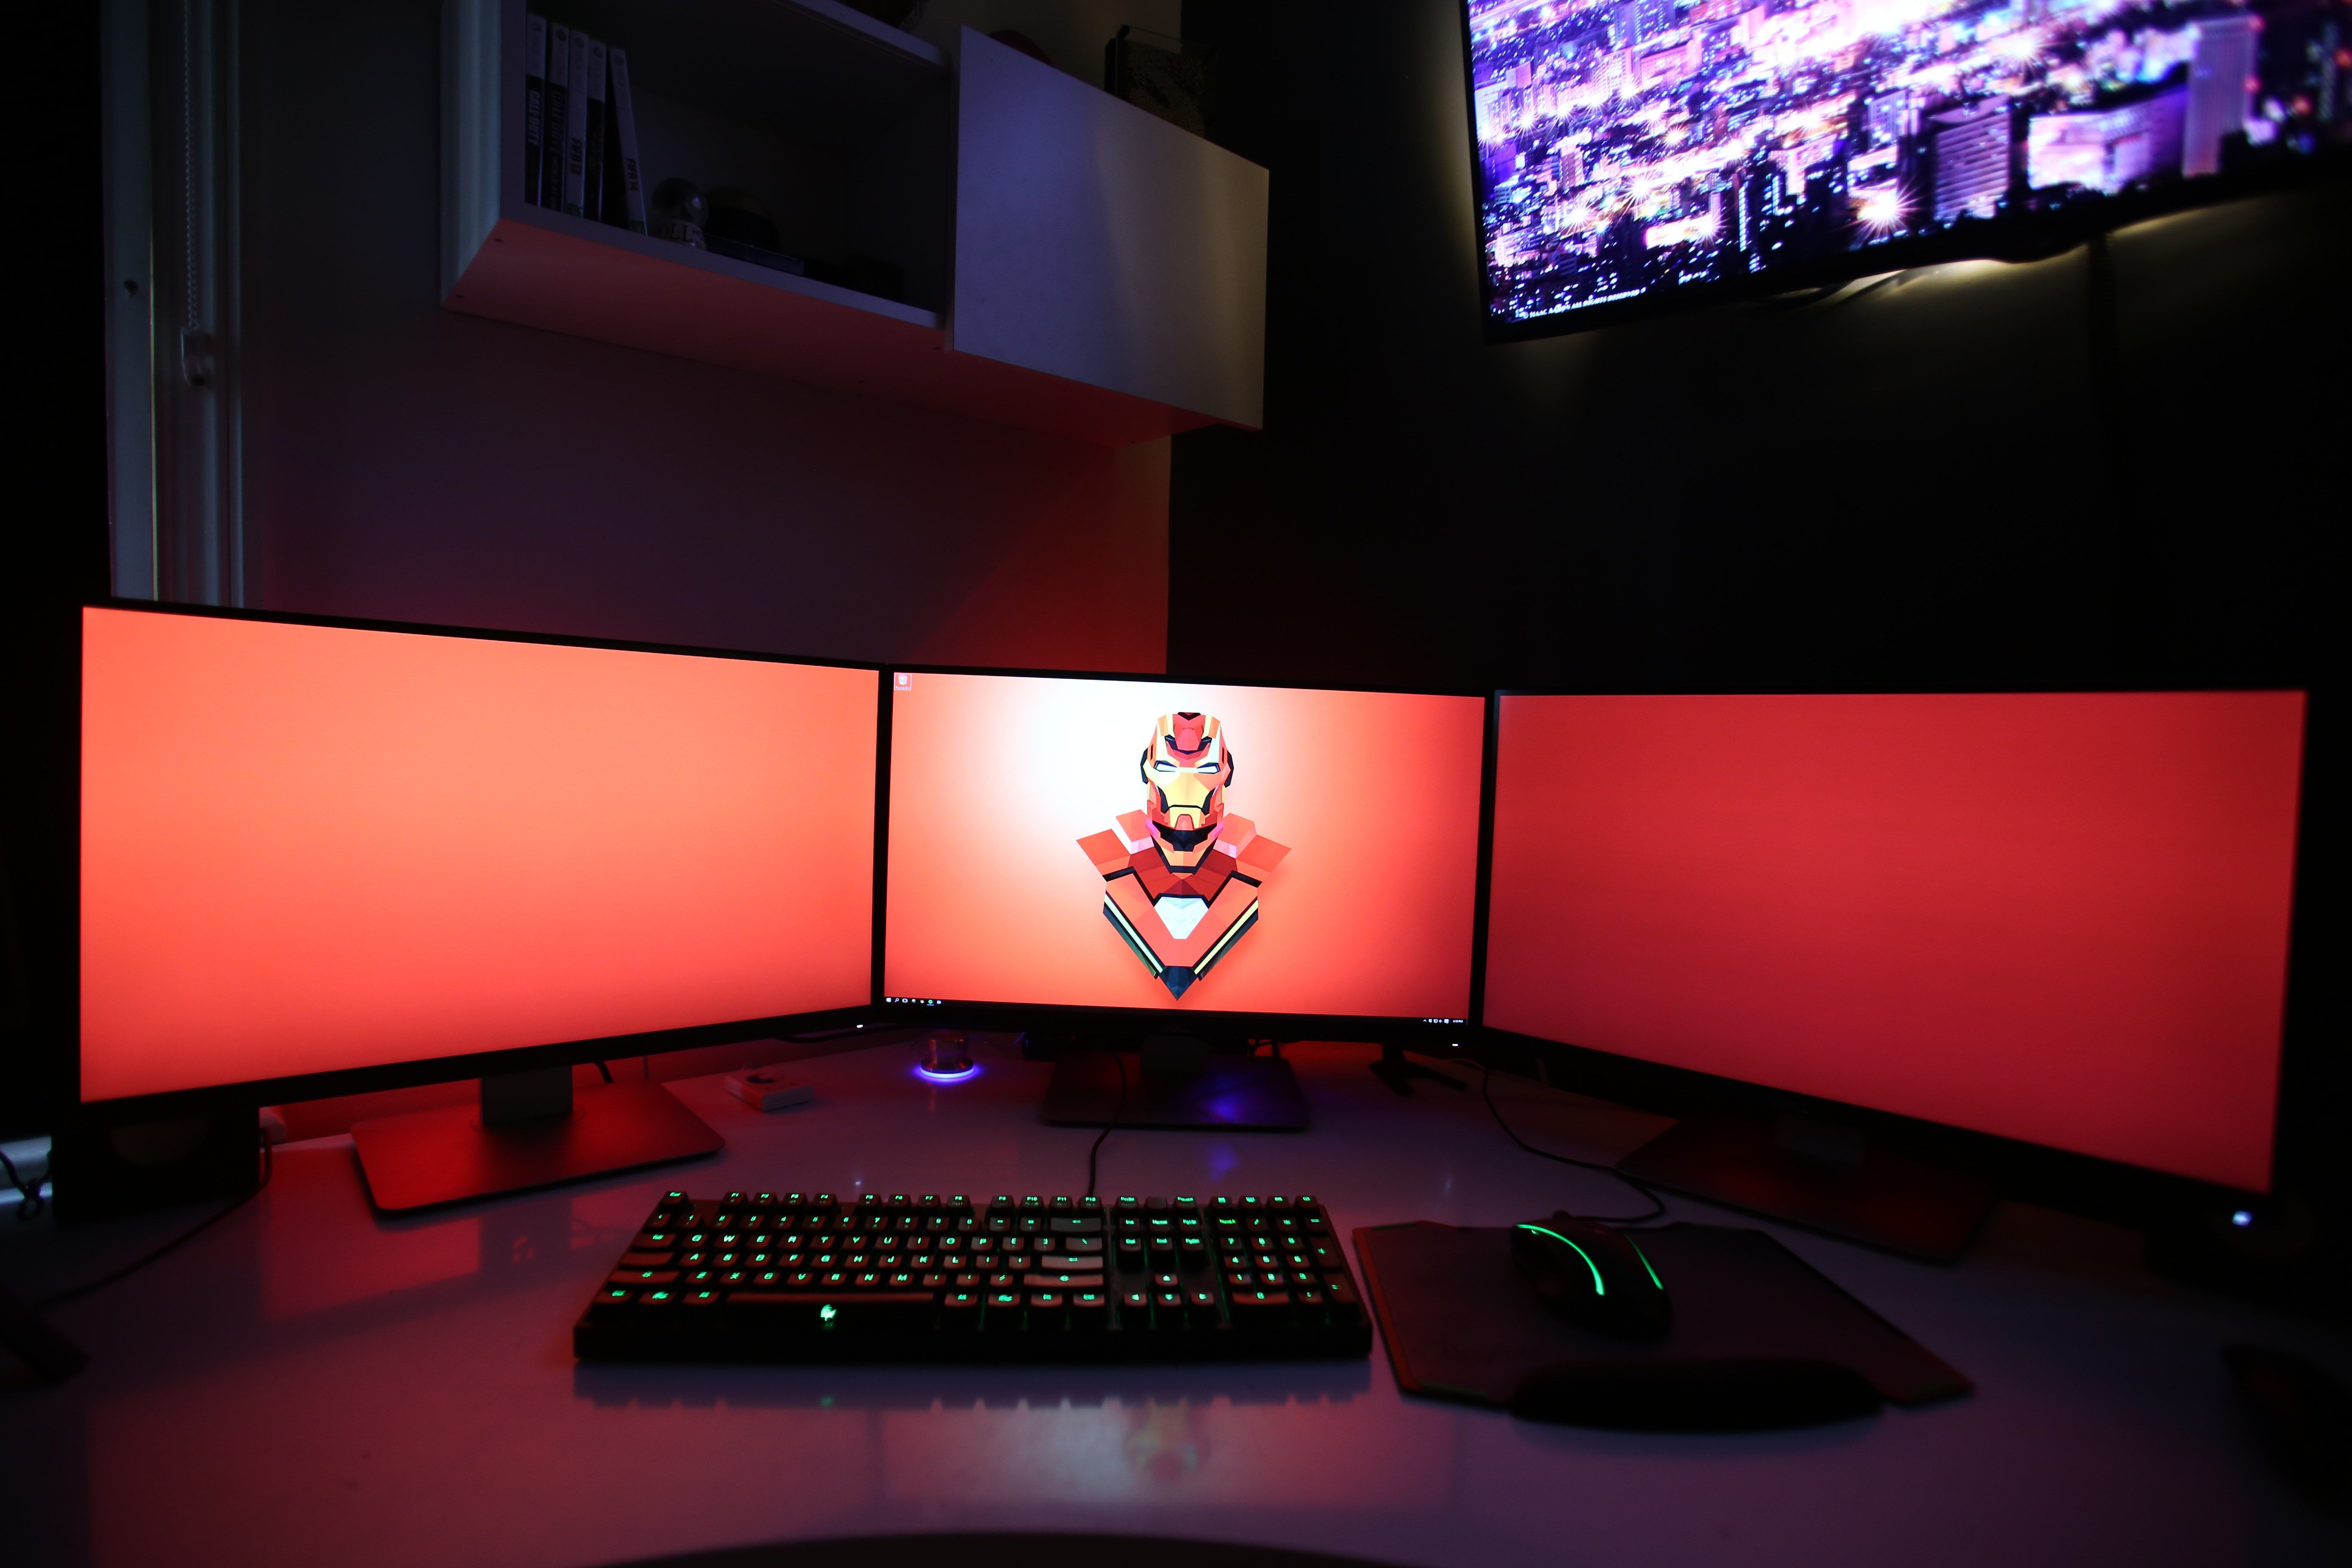 Triple Monitor Gaming Setup 4k Supreme Setups